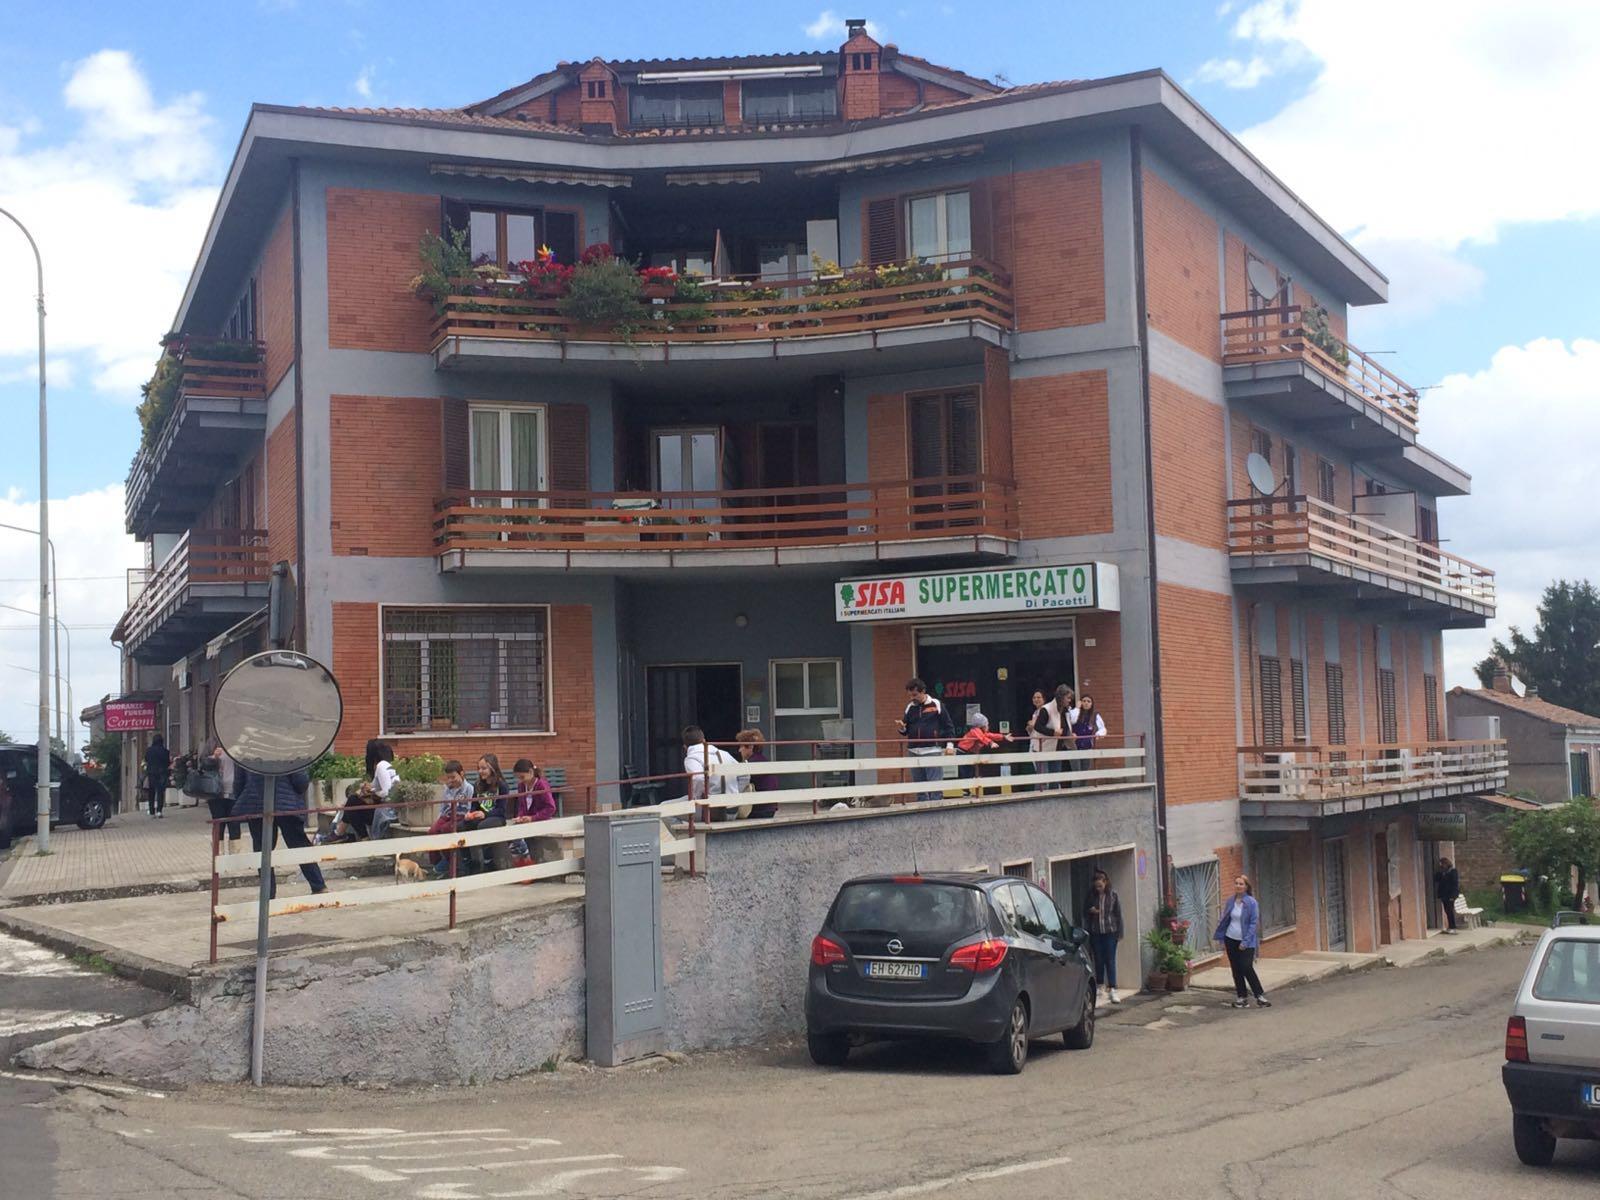 Nuova scossa di terremoto alle 11:22 - Magnitudo 3.2 a Castel Giorgio la gente in strada